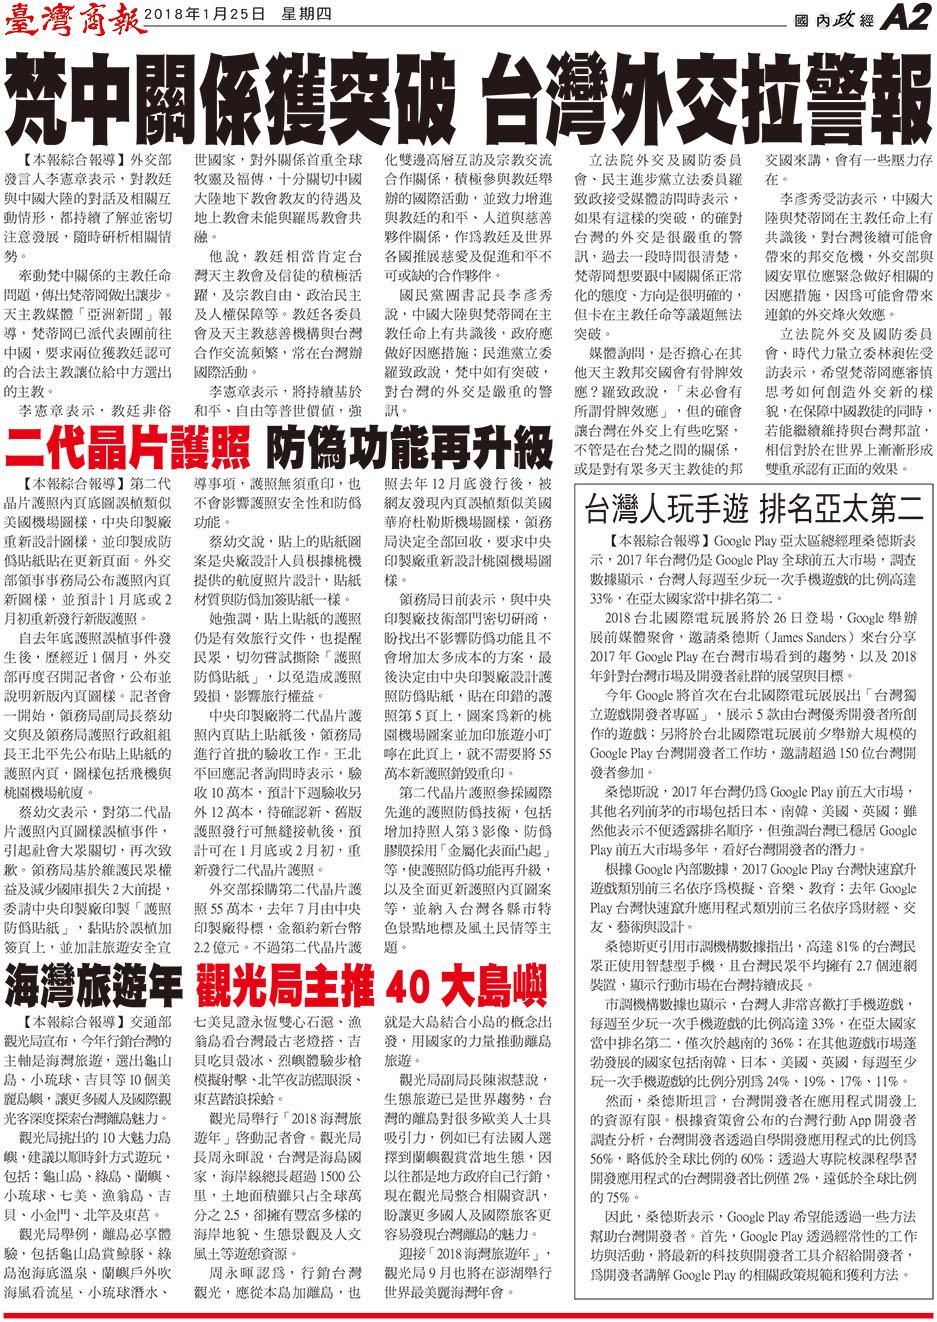 梵中關係獲突破 台灣外交拉警報